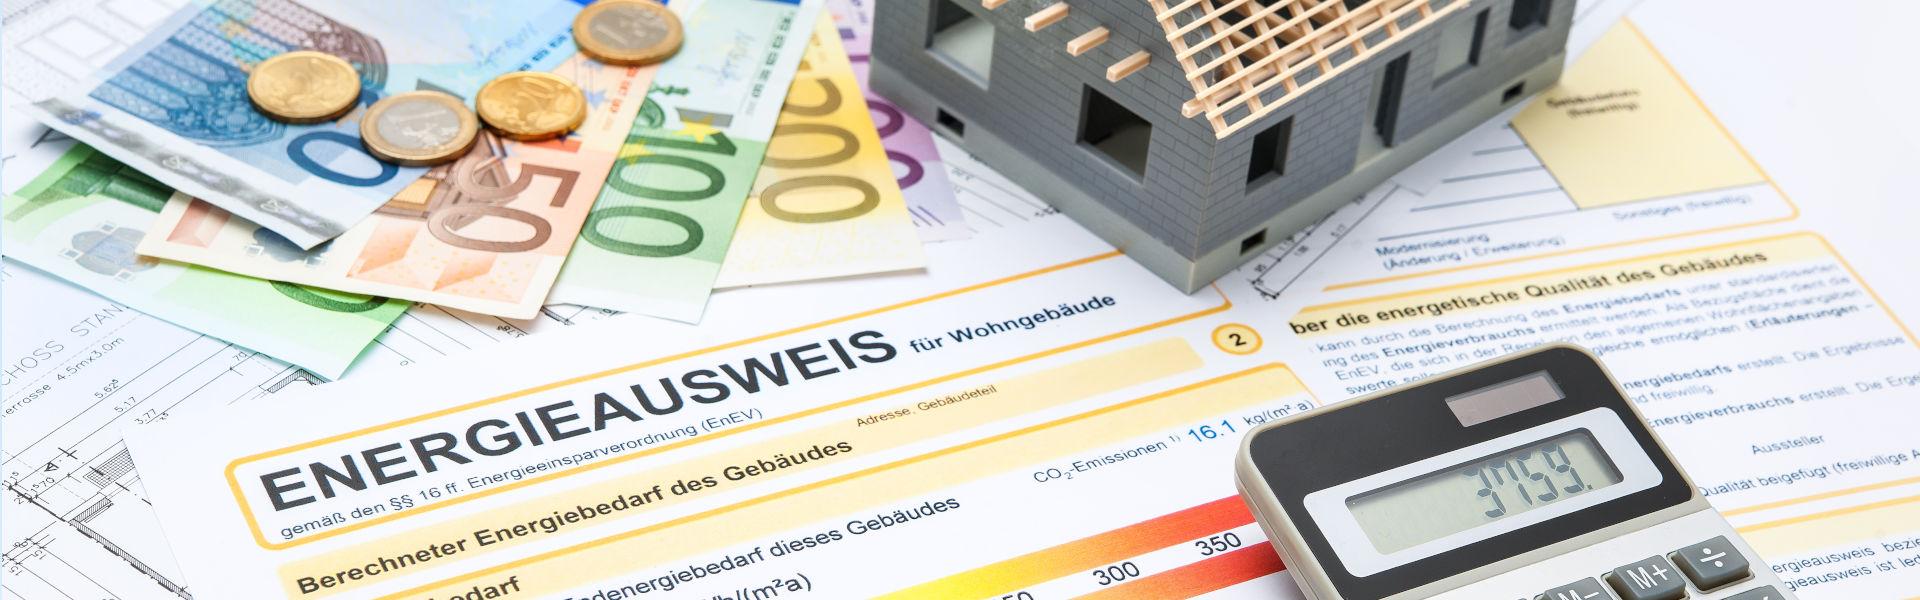 Energieausweis und Betriebskostenabrechnung auf einem Tisch mit Geld, einem Taschenrechner und einem Modellhaus - HWA-Frenzel